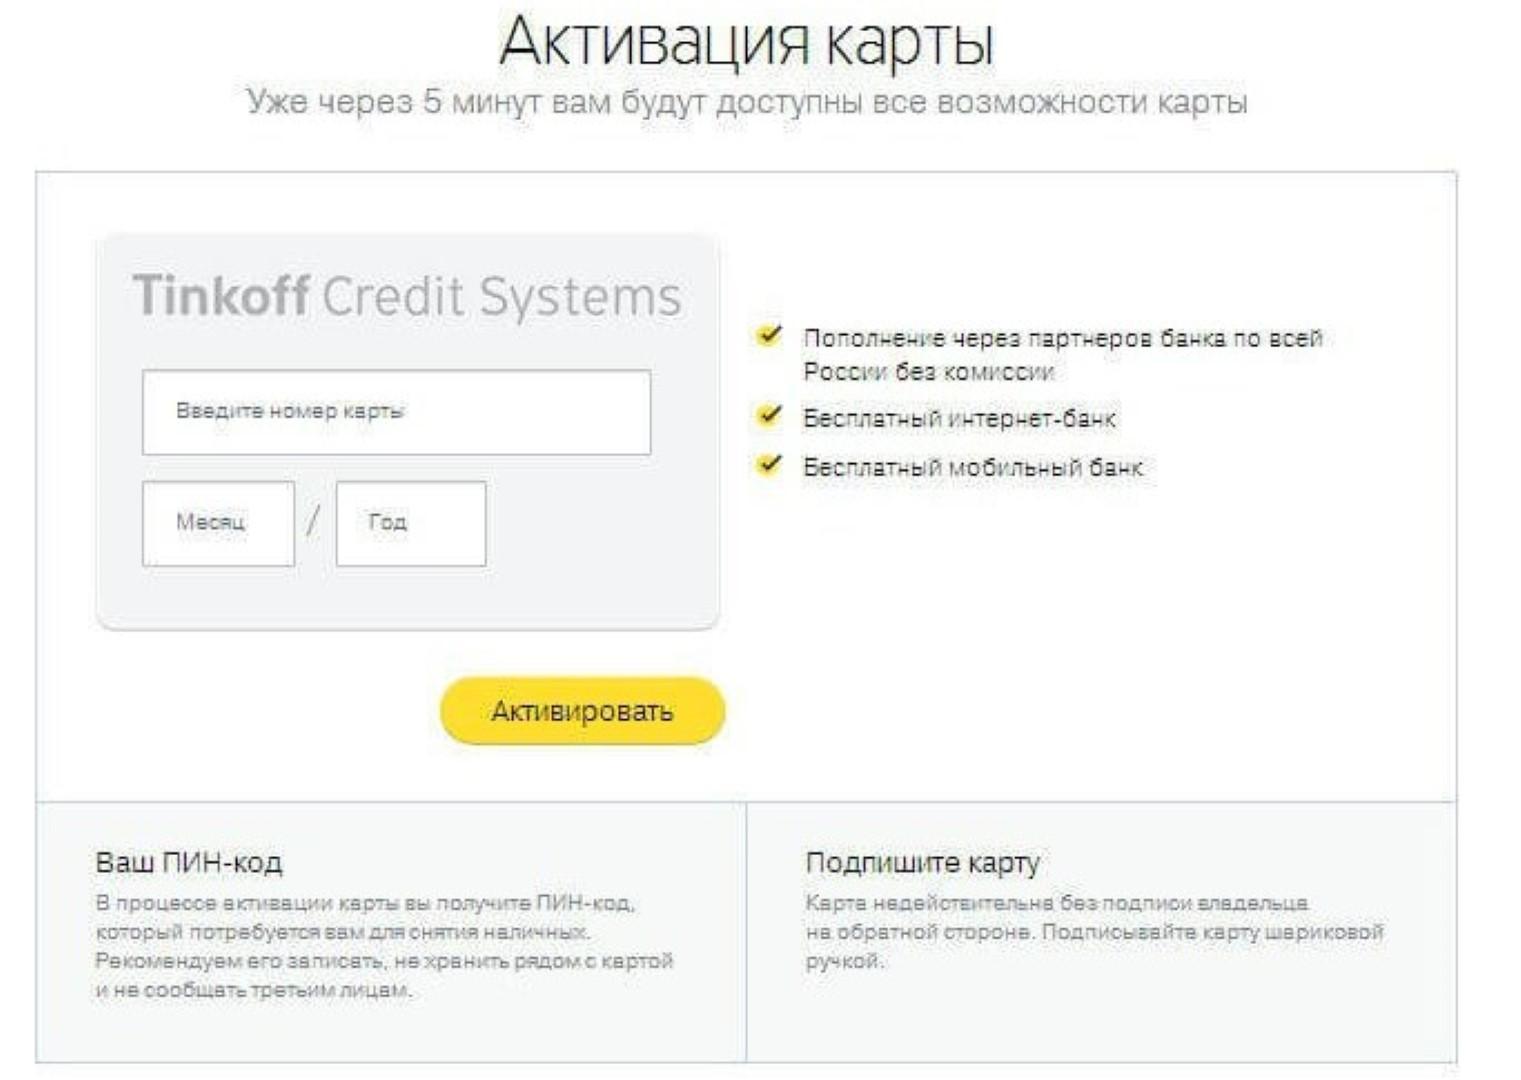 Тинькофф: активация карты Платинум самостоятельно через Интернет